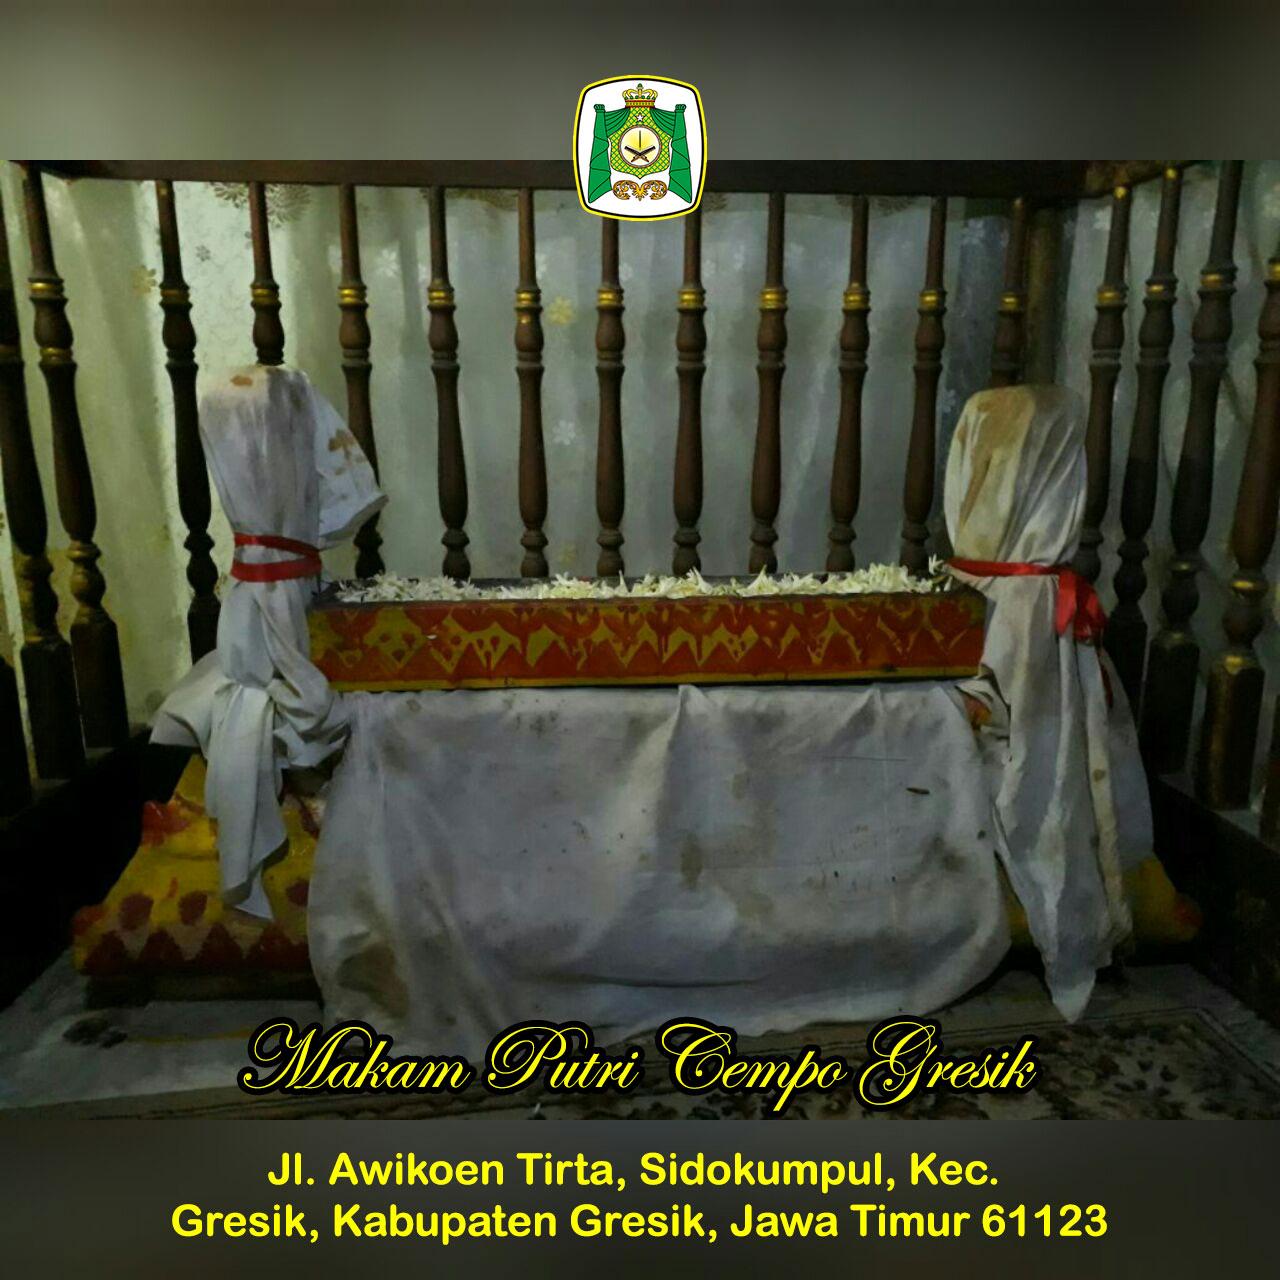 Putri Cempo Gresik Almunawwarah Trans Situs Giri Kedaton Makam Raden